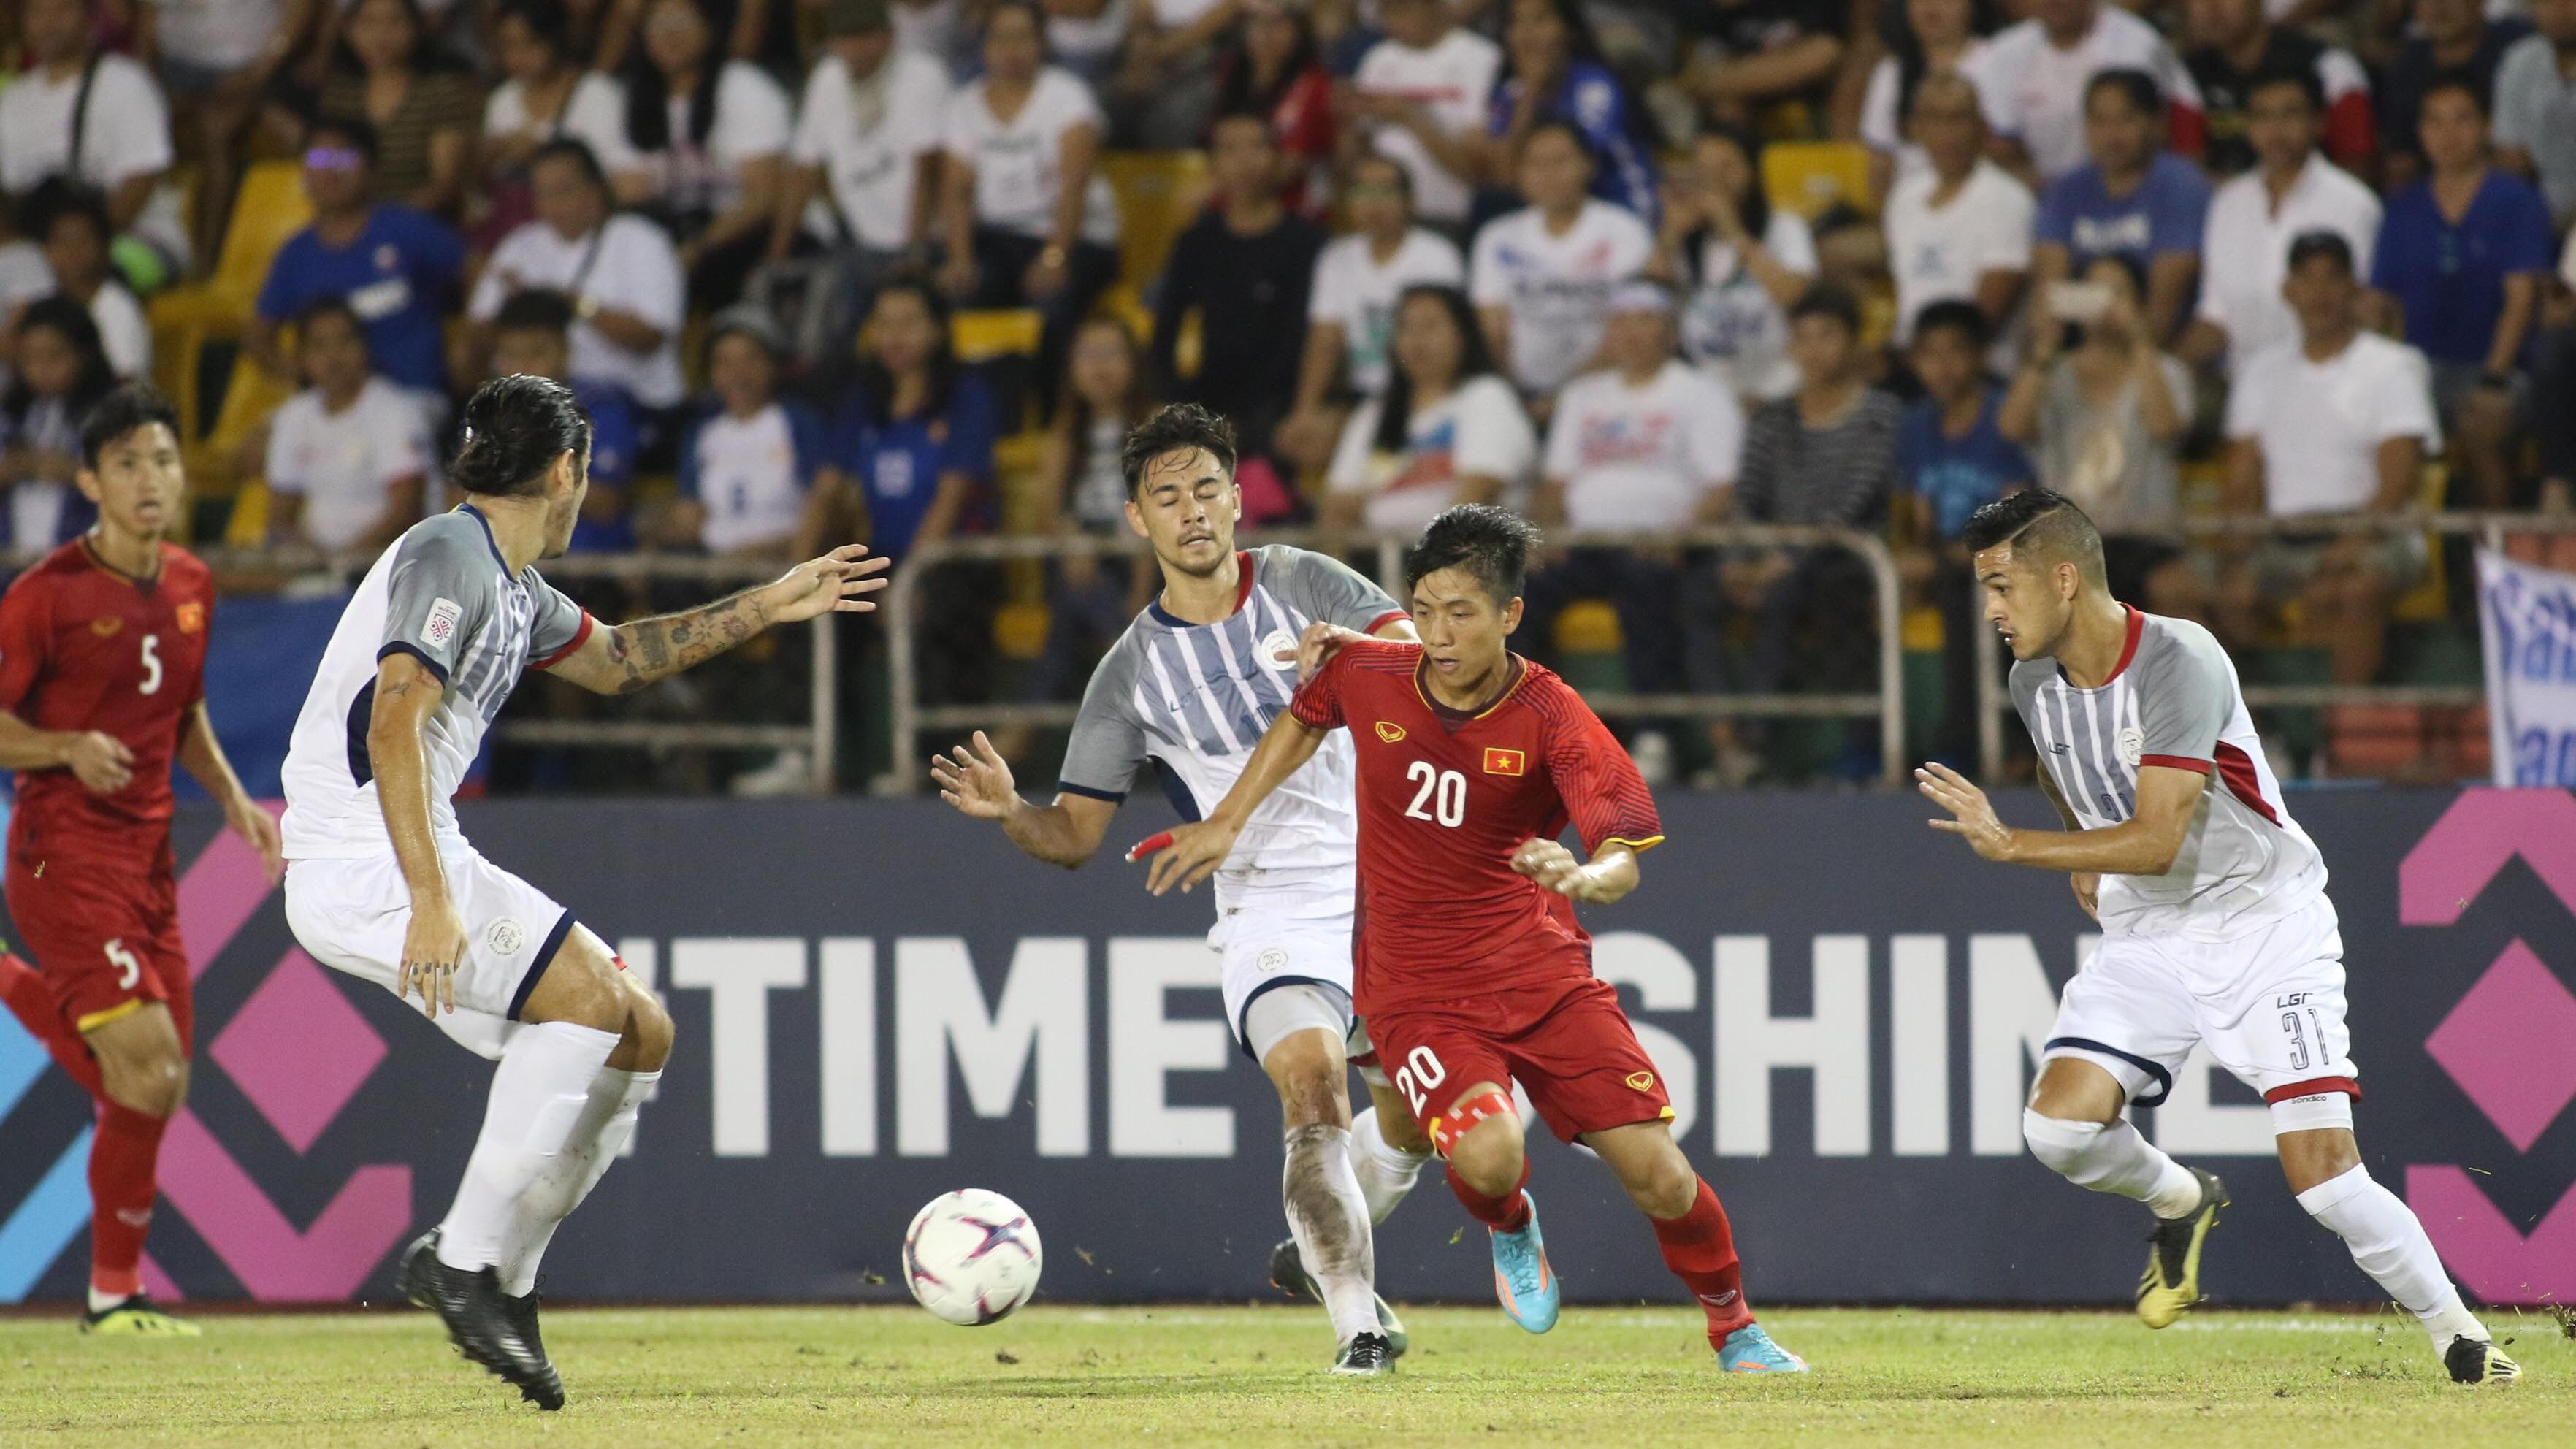 Phan Văn Đức Philippines vs Việt Nam AFF Suzuki Cup 2018 (9)